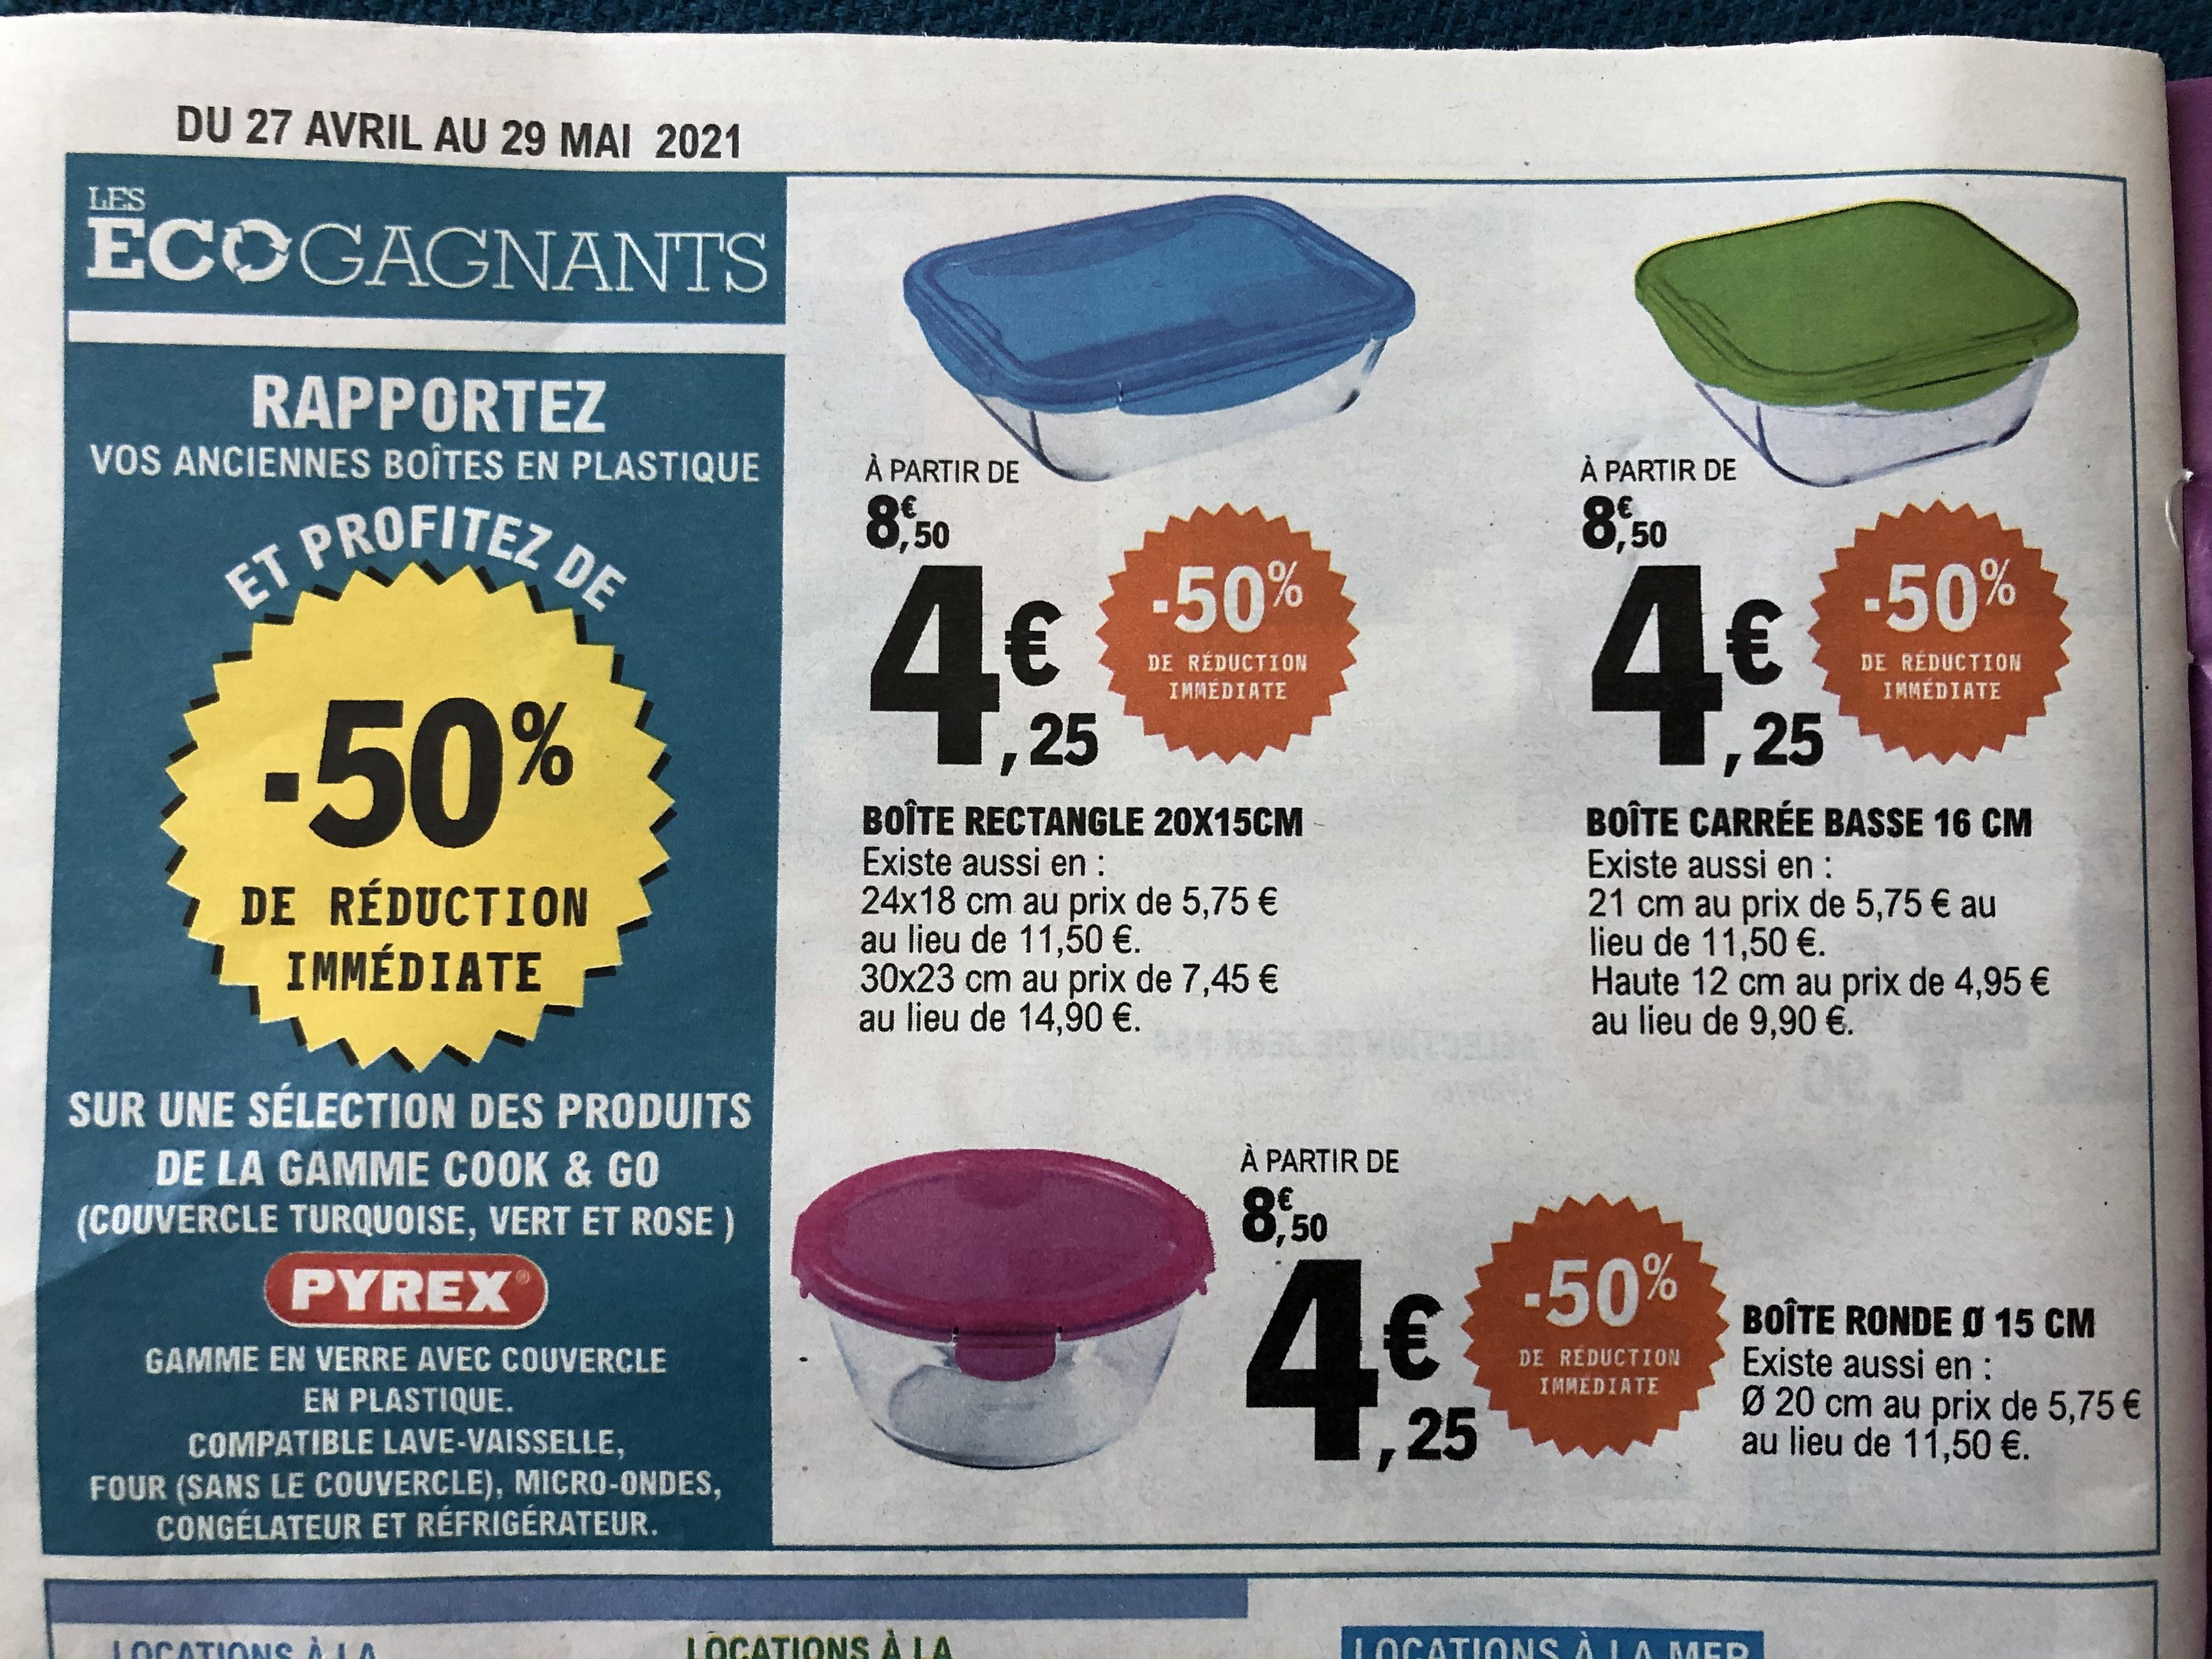 50% de réduction immédiate sur une sélection de produits Pyrex (via reprise d'anciennes boîtes en plastique)